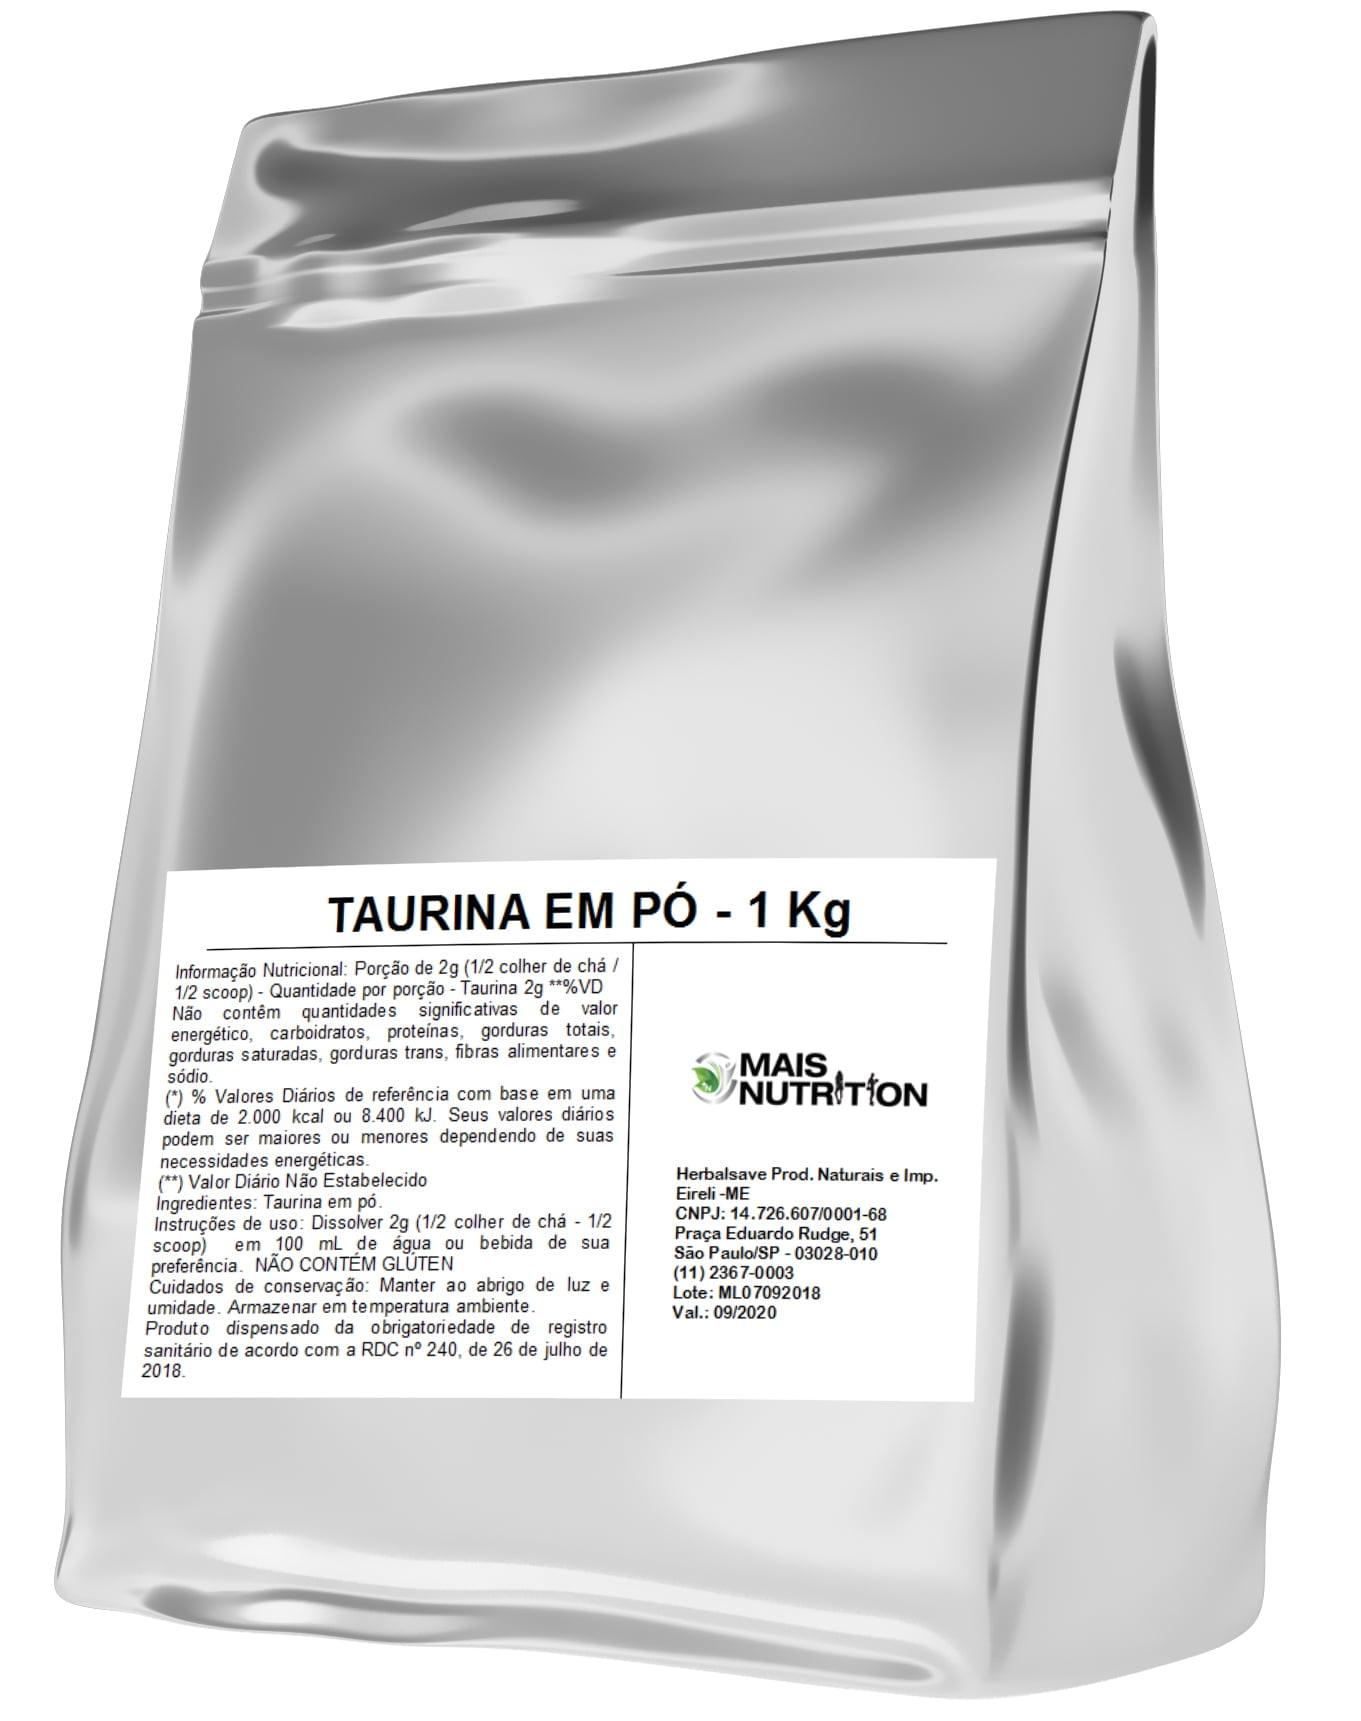 POR R$51,00 - Taurina 1Kg 1 Kilo Quilo Embalagem Refil Mais Nutrition